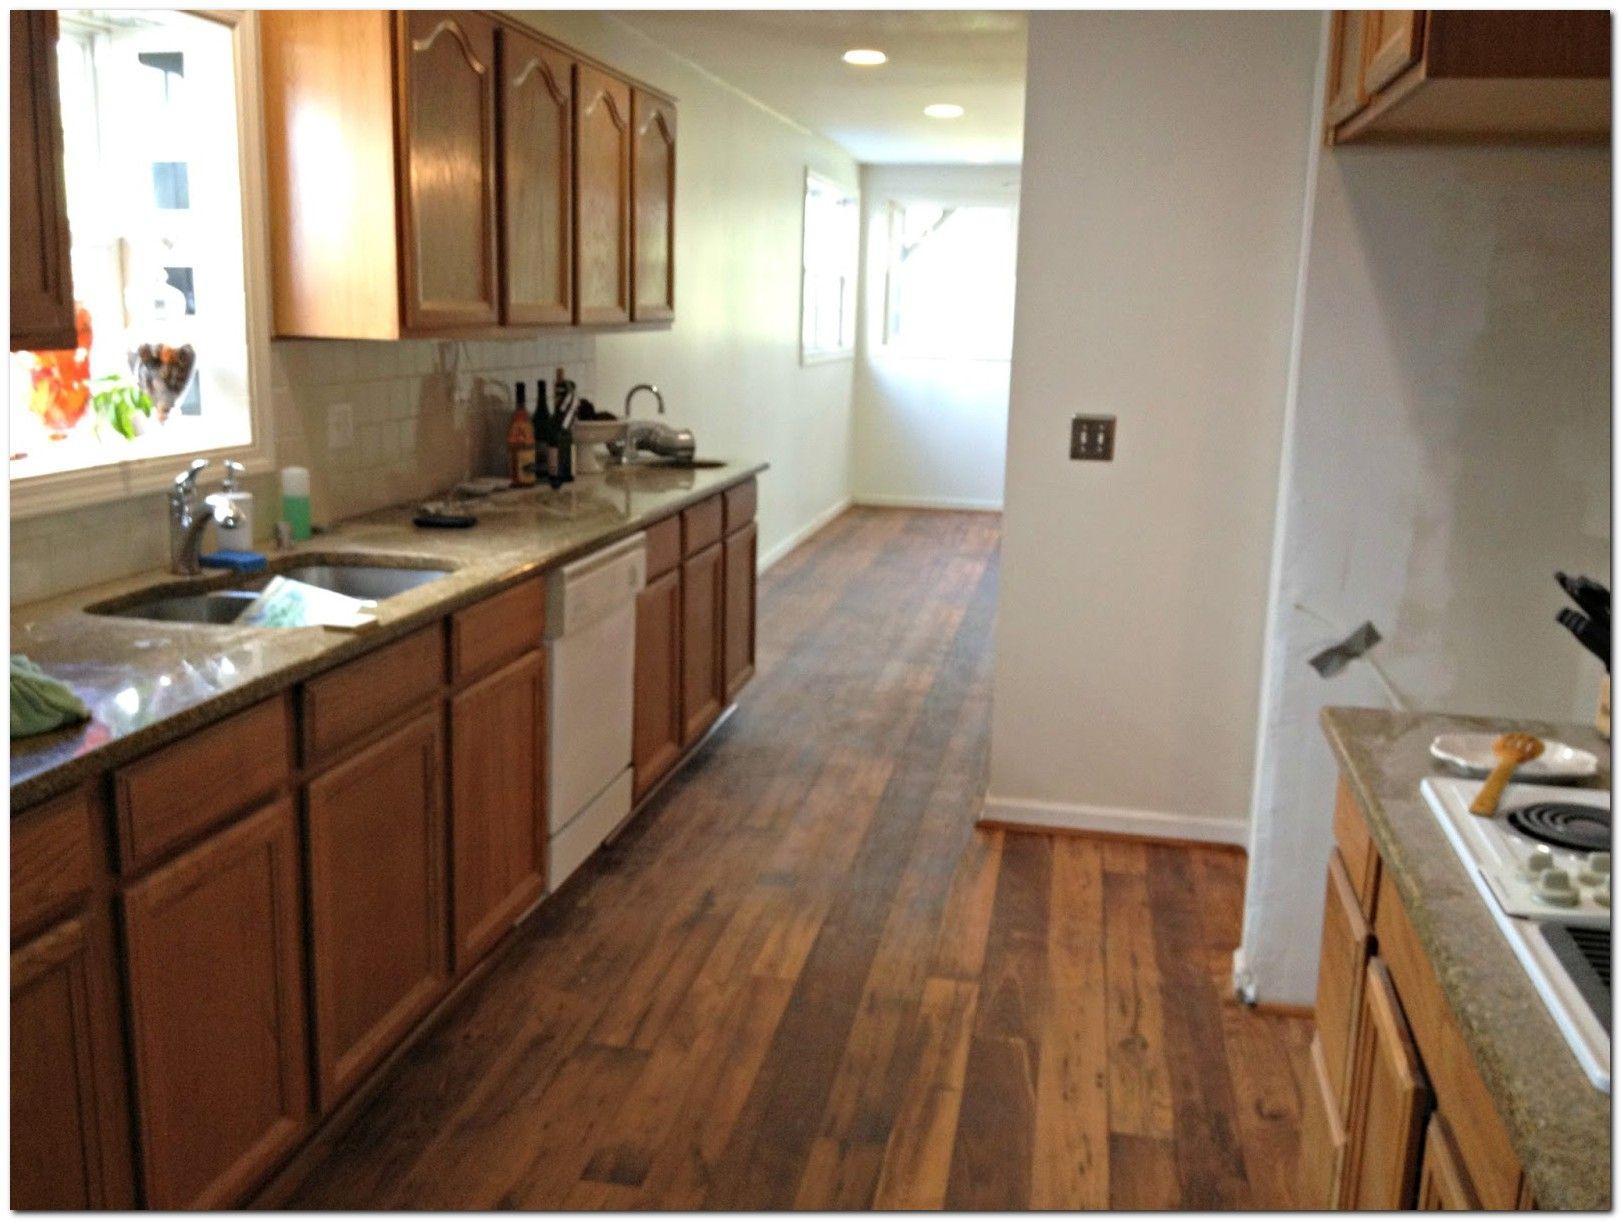 Awesome Laminate Wood Flooring In Kitchen Ideas The Urban Interior Vinyl Flooring Kitchen Wood Floor Design Kitchen Vinyl